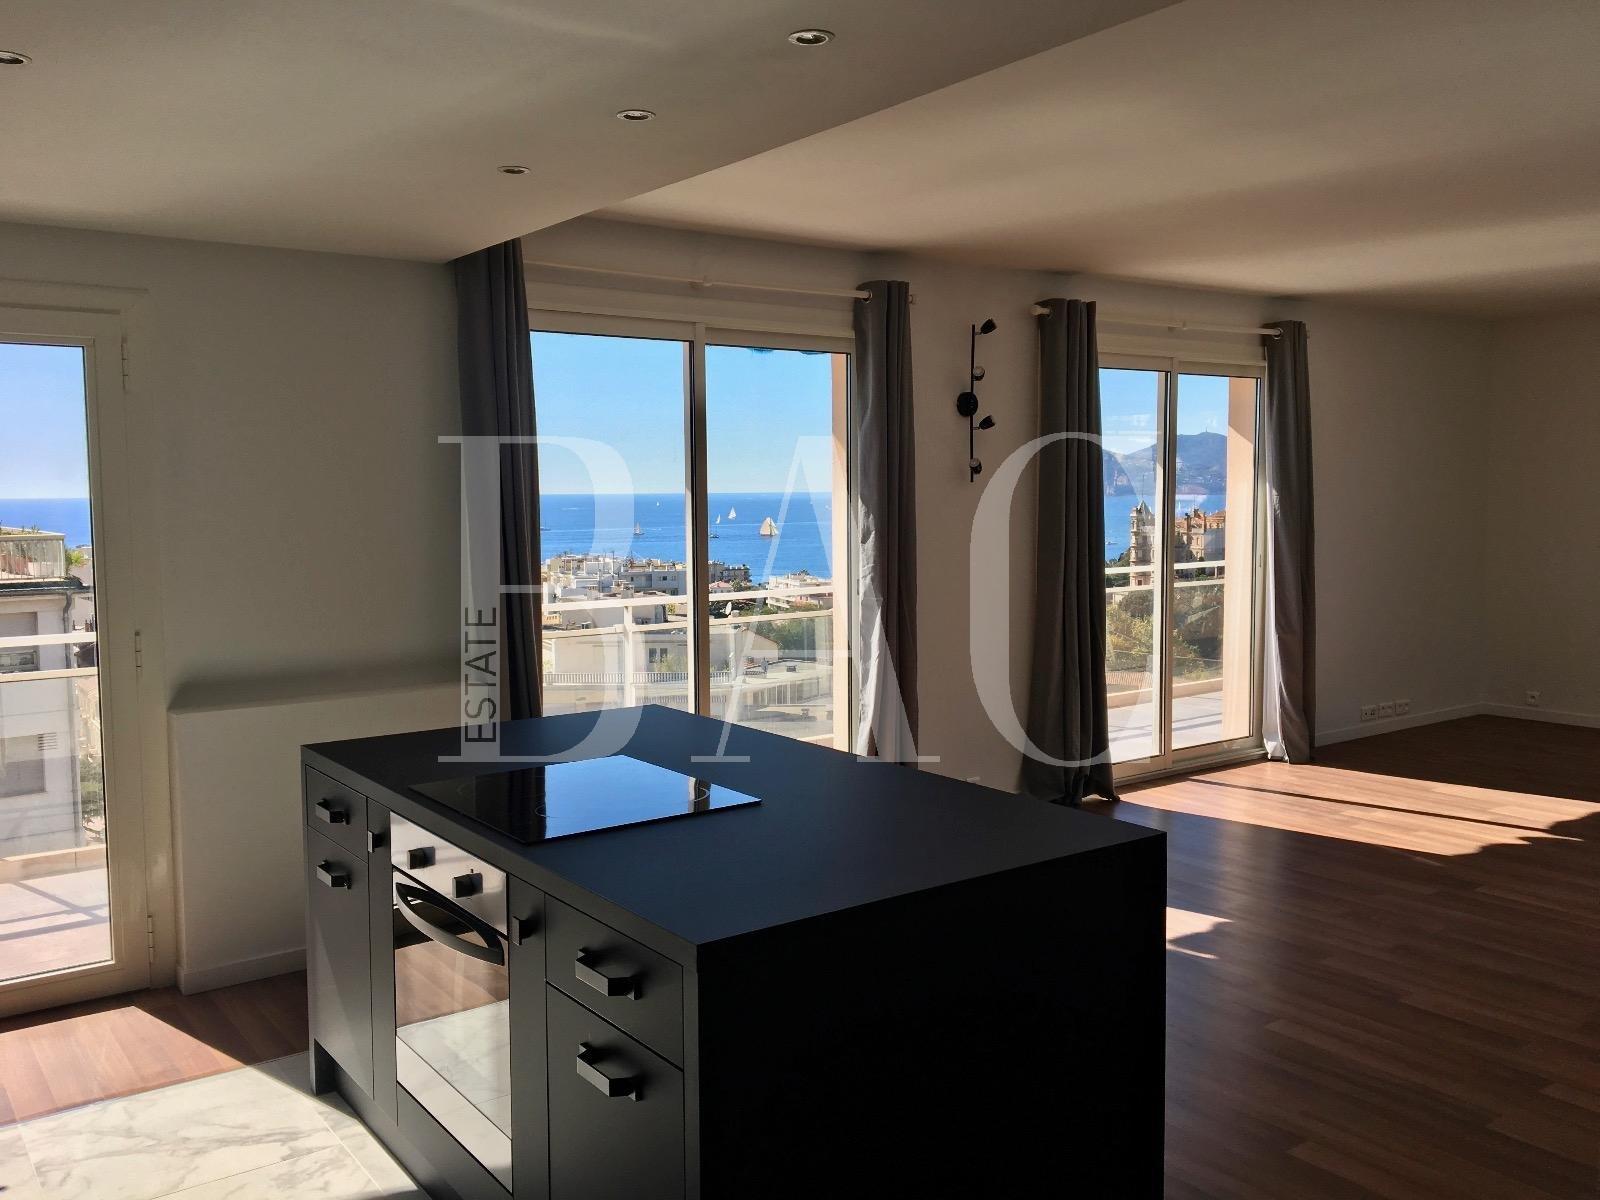 Канны, красивая квартира площадью 100 м2 плюс терраса на верхнем этаже с прекрасным видом на море и всего в 550 метрах от рынка Форвиль